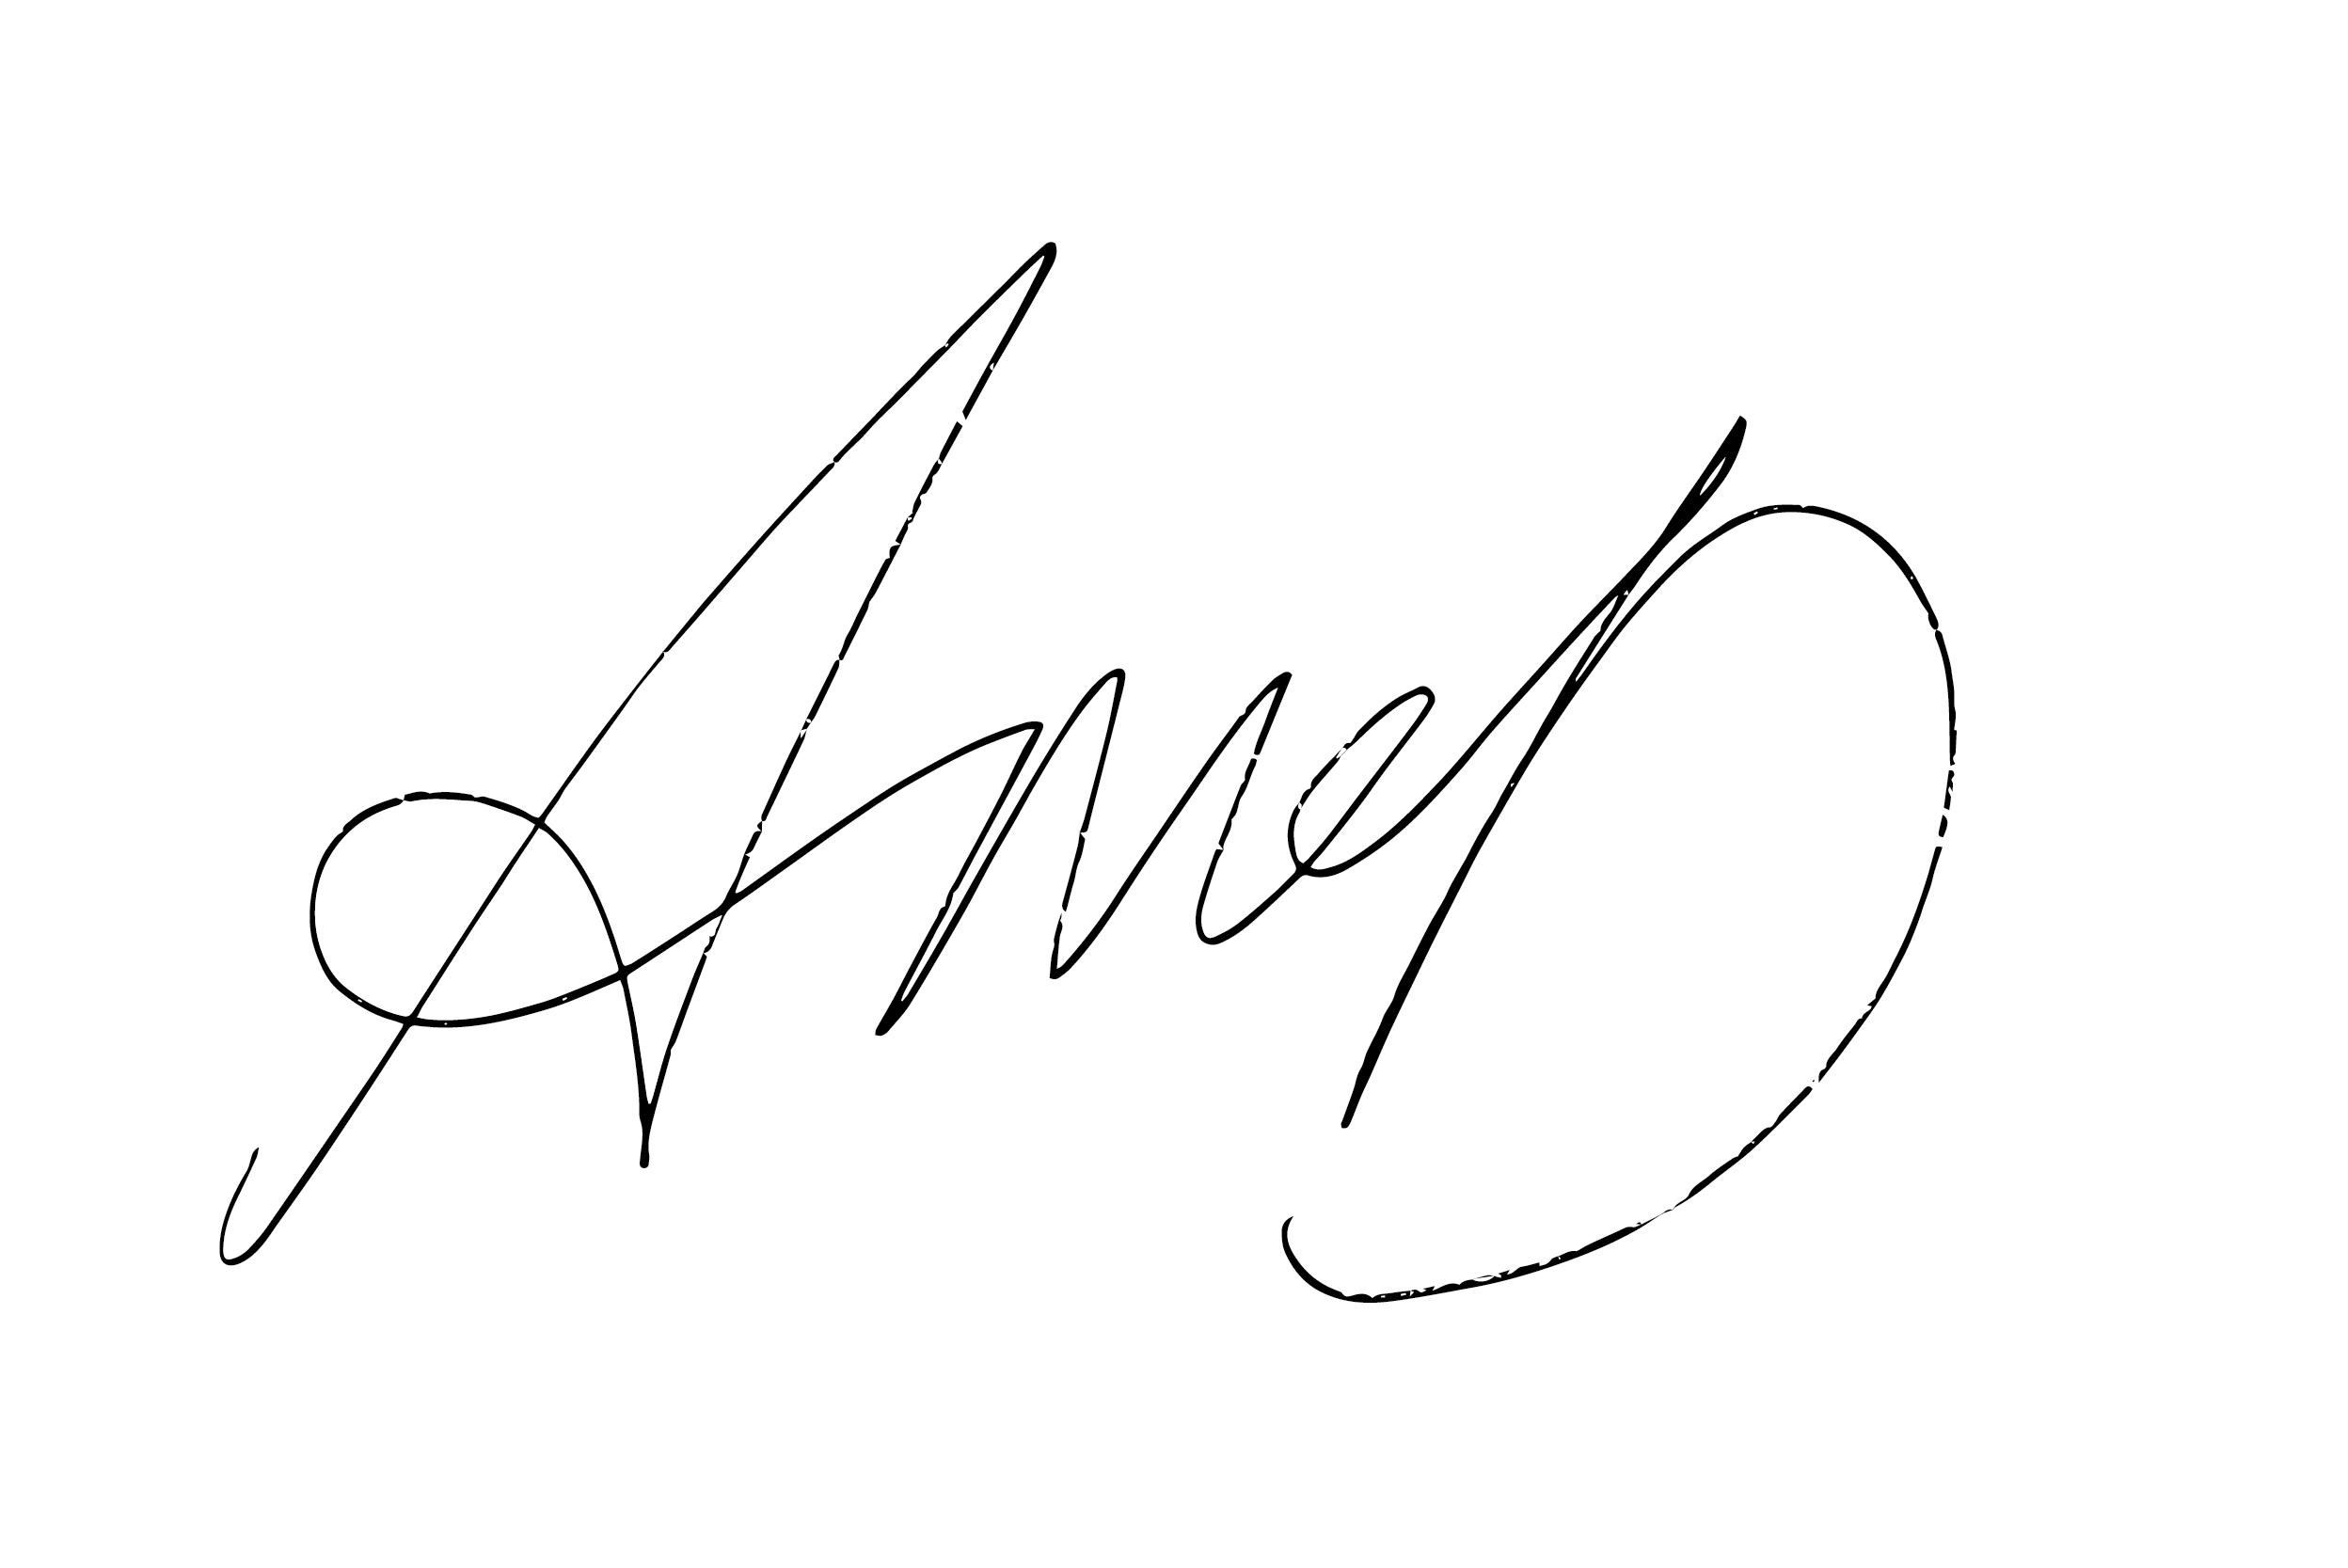 Andrew McDermott's Signature